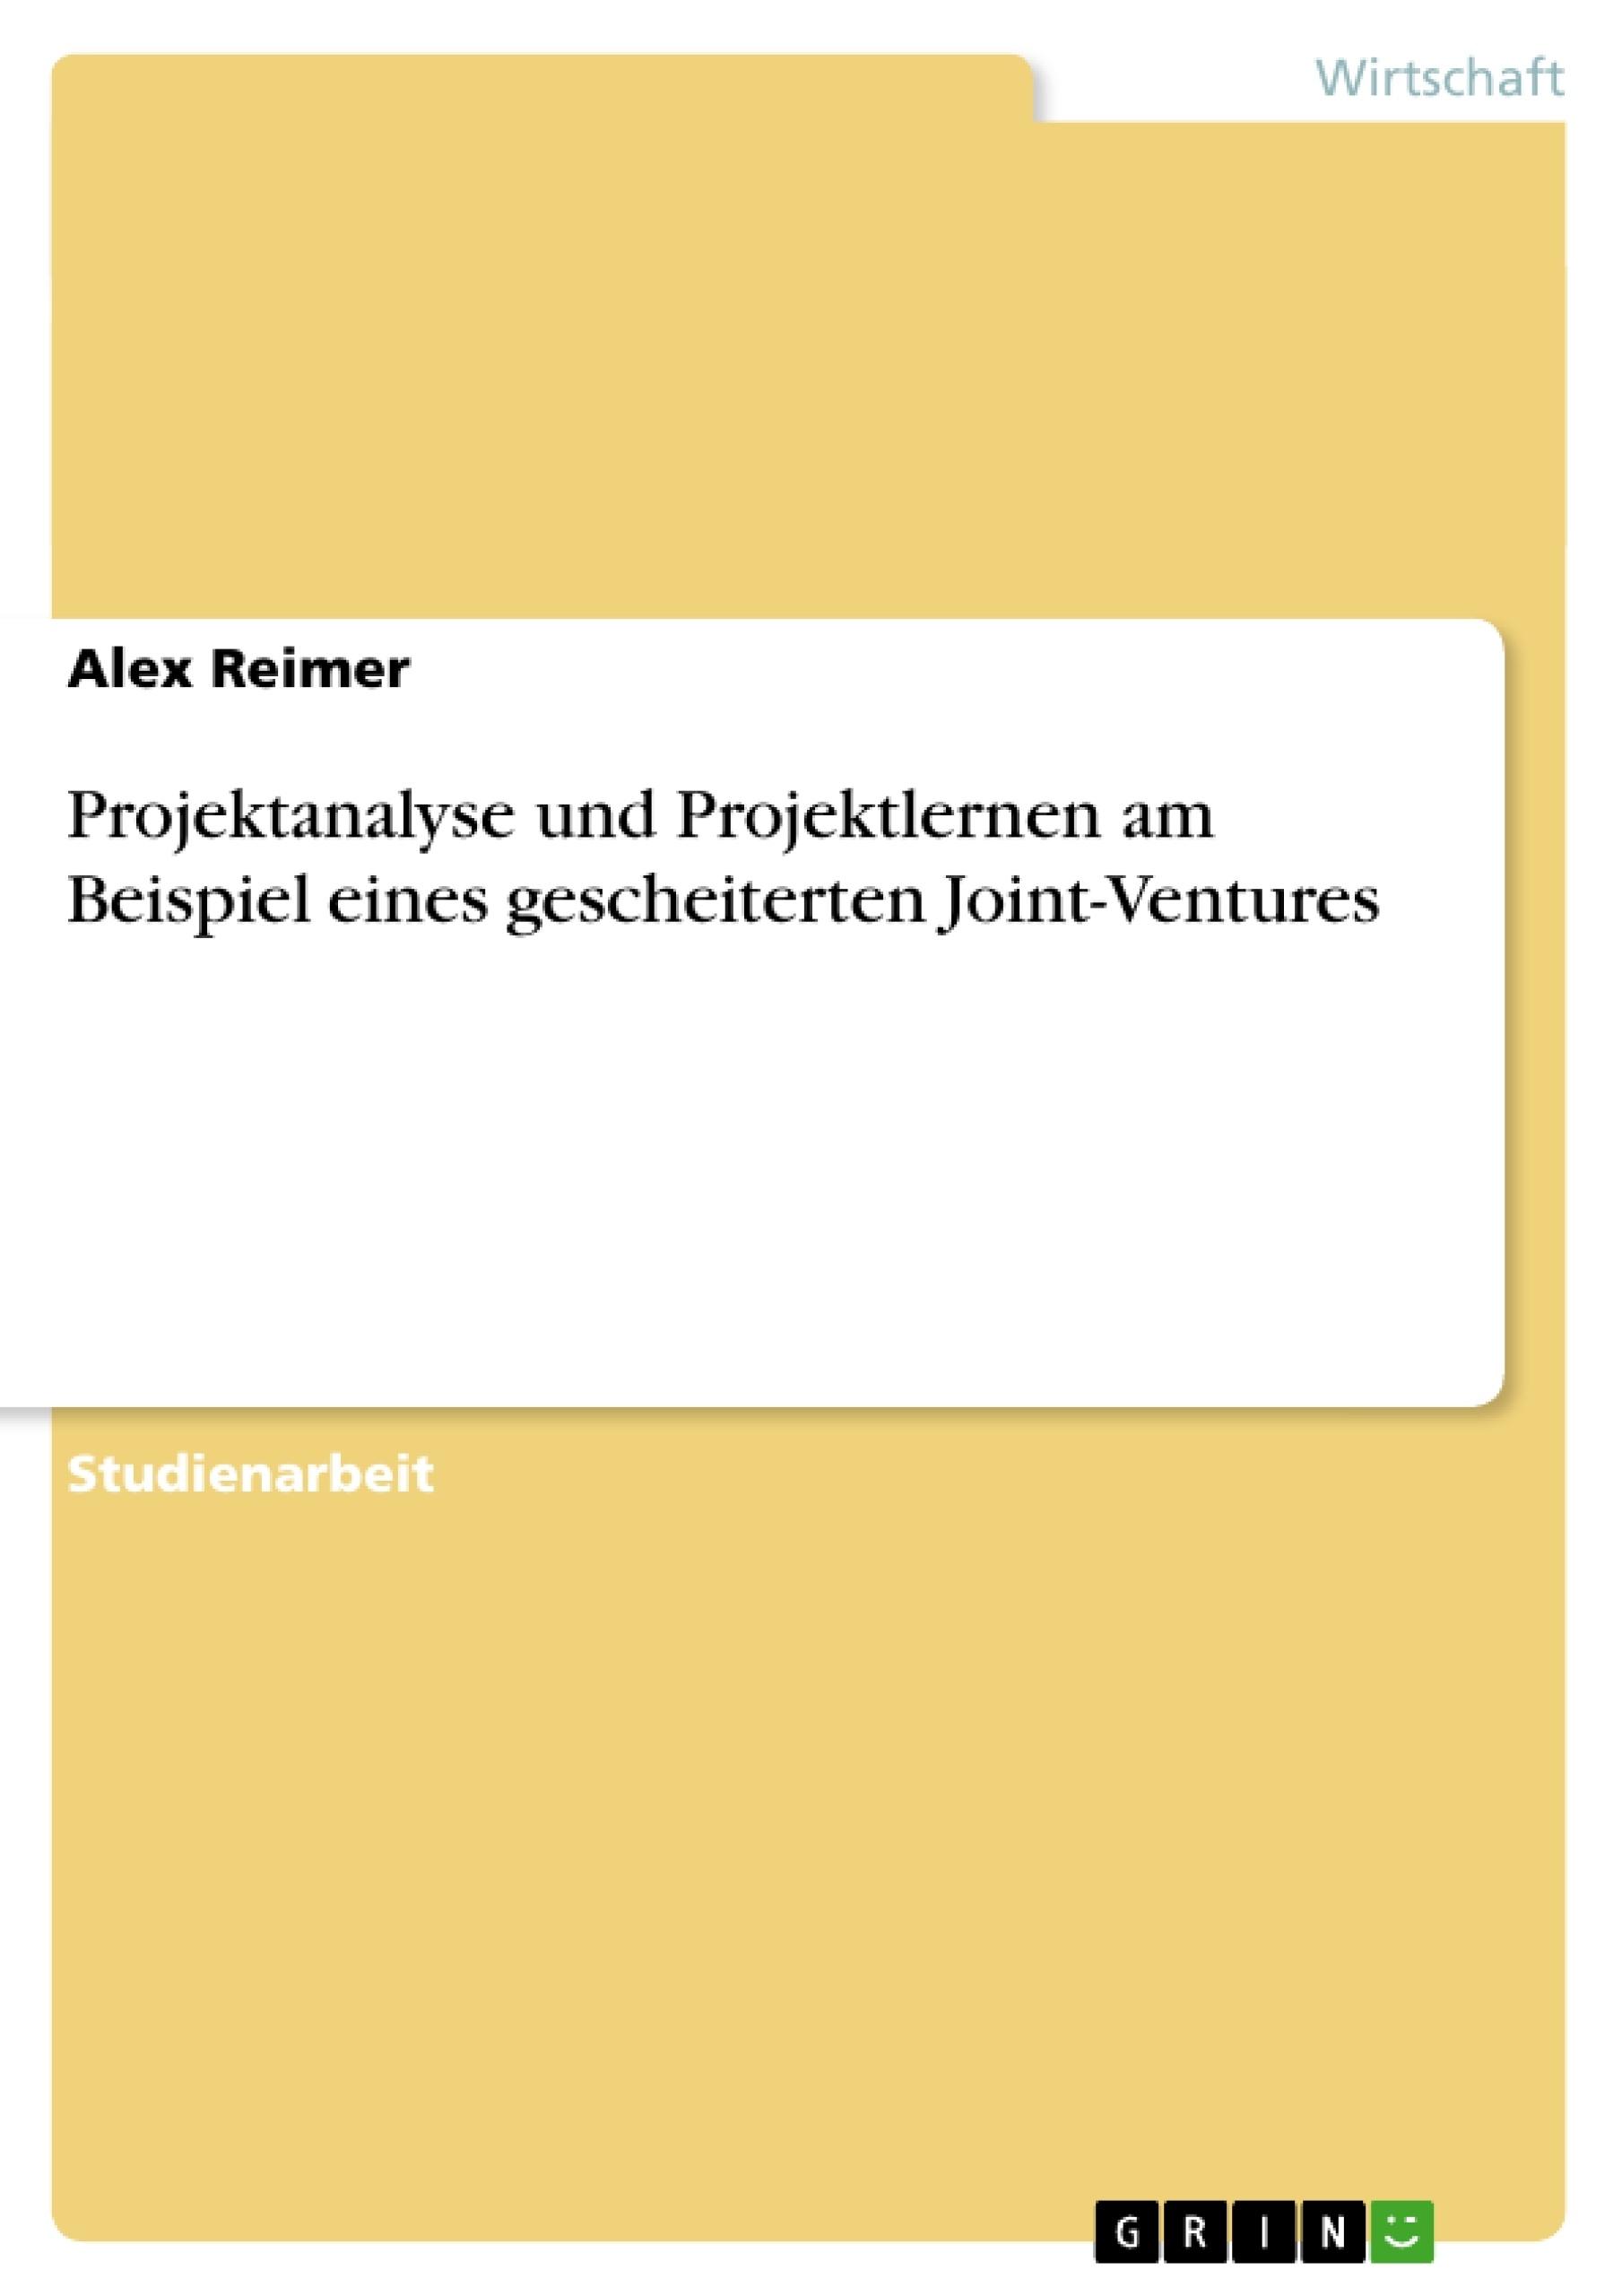 Titel: Projektanalyse und Projektlernen am Beispiel eines gescheiterten Joint-Ventures